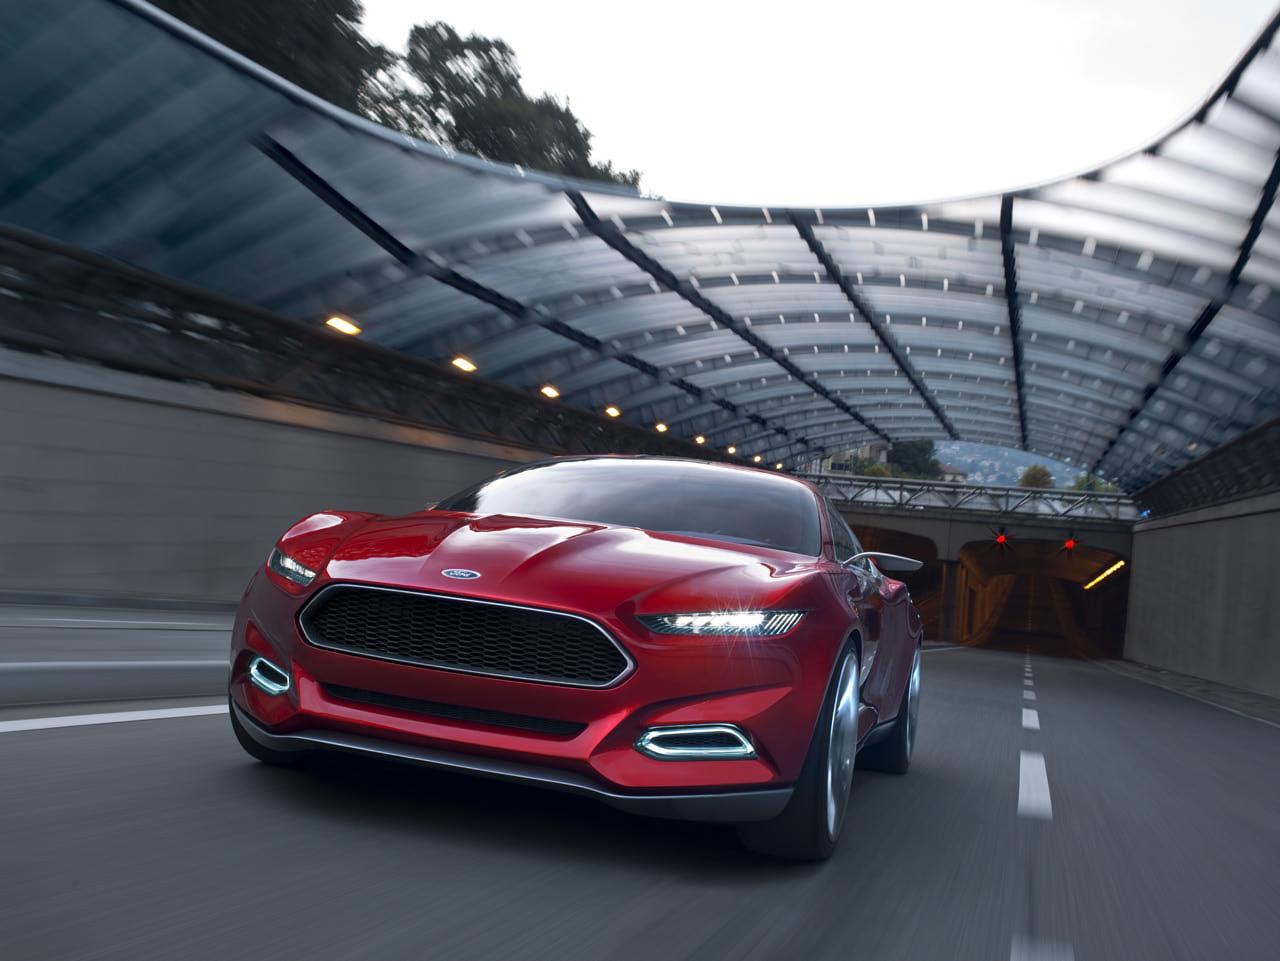 http://1.bp.blogspot.com/-bCpyZVevO-w/T_145L7lsyI/AAAAAAAAMts/5Ra_X7TA0yk/s1600/Ford+Mustang+GT+(2015)5.jpg